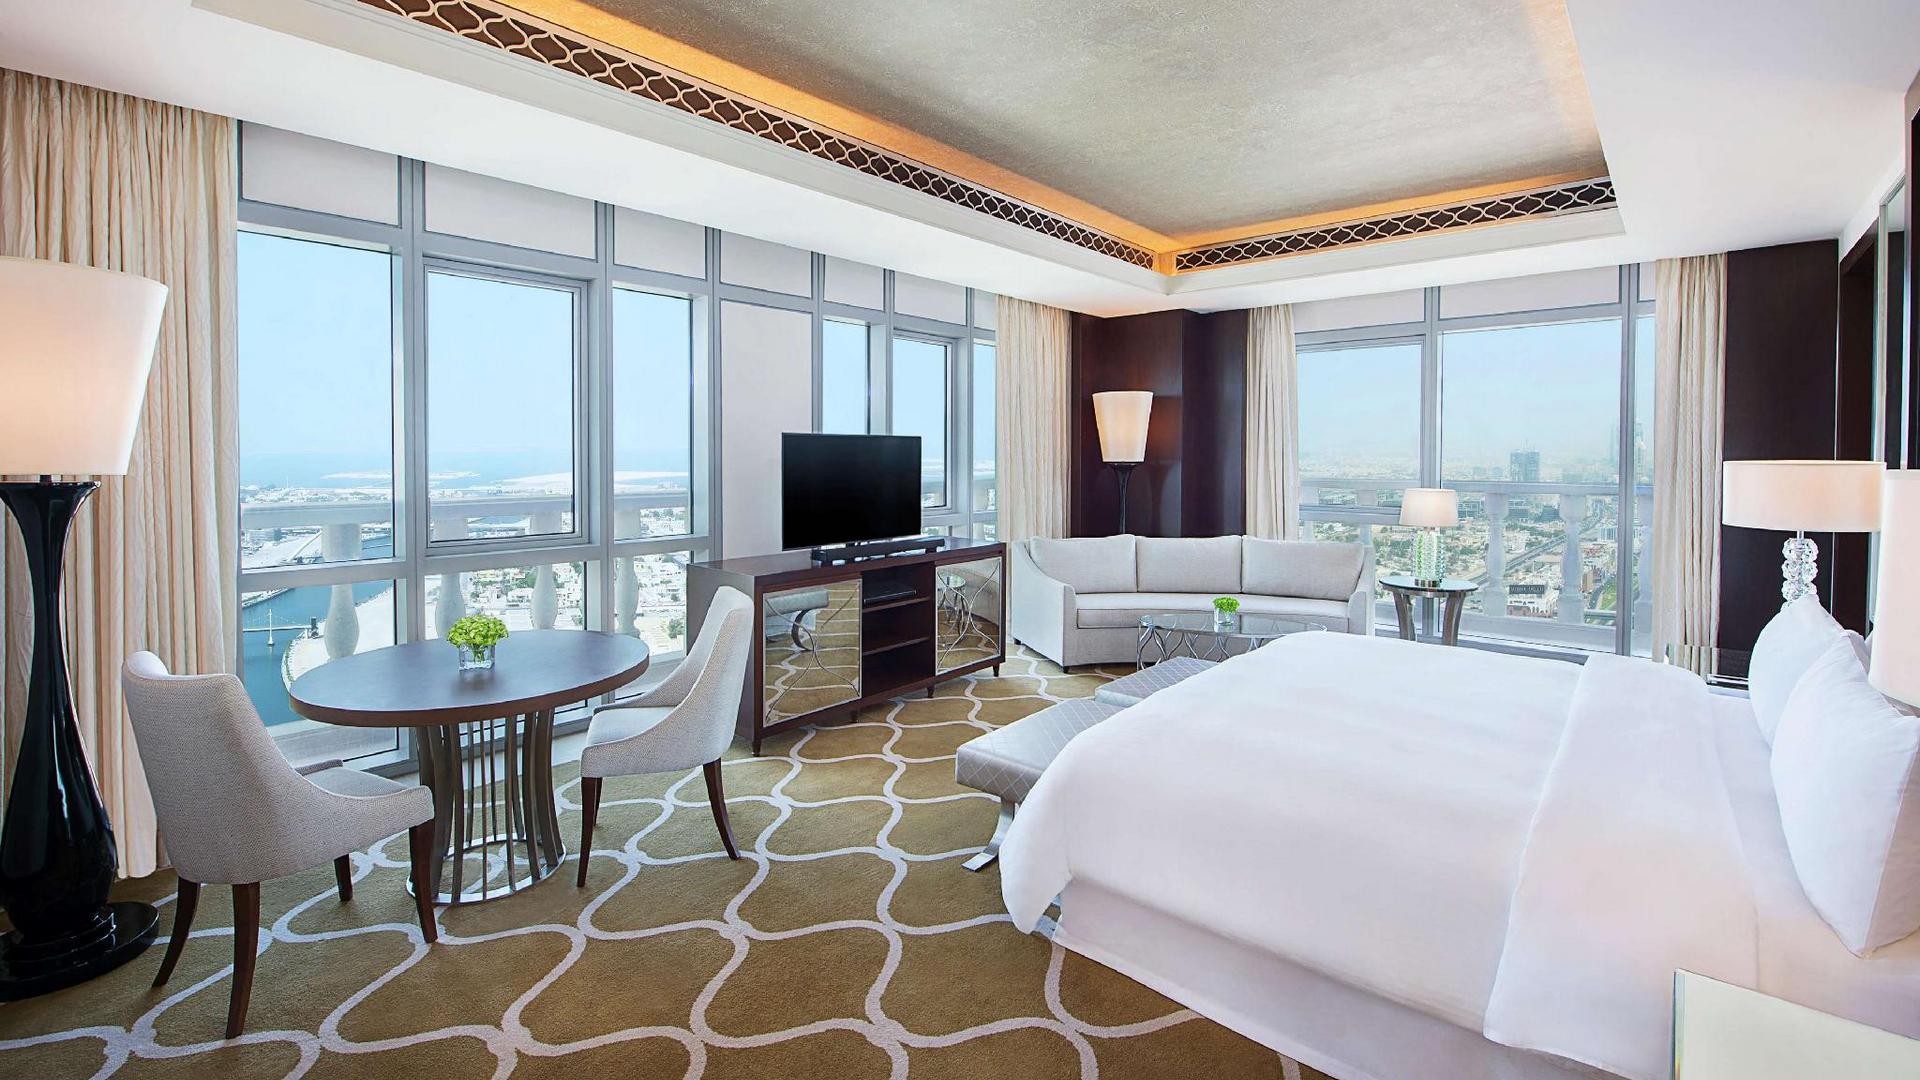 Ático en venta en Dubai, EAU, 7 dormitorios, 2724 m2, № 24064 – foto 1